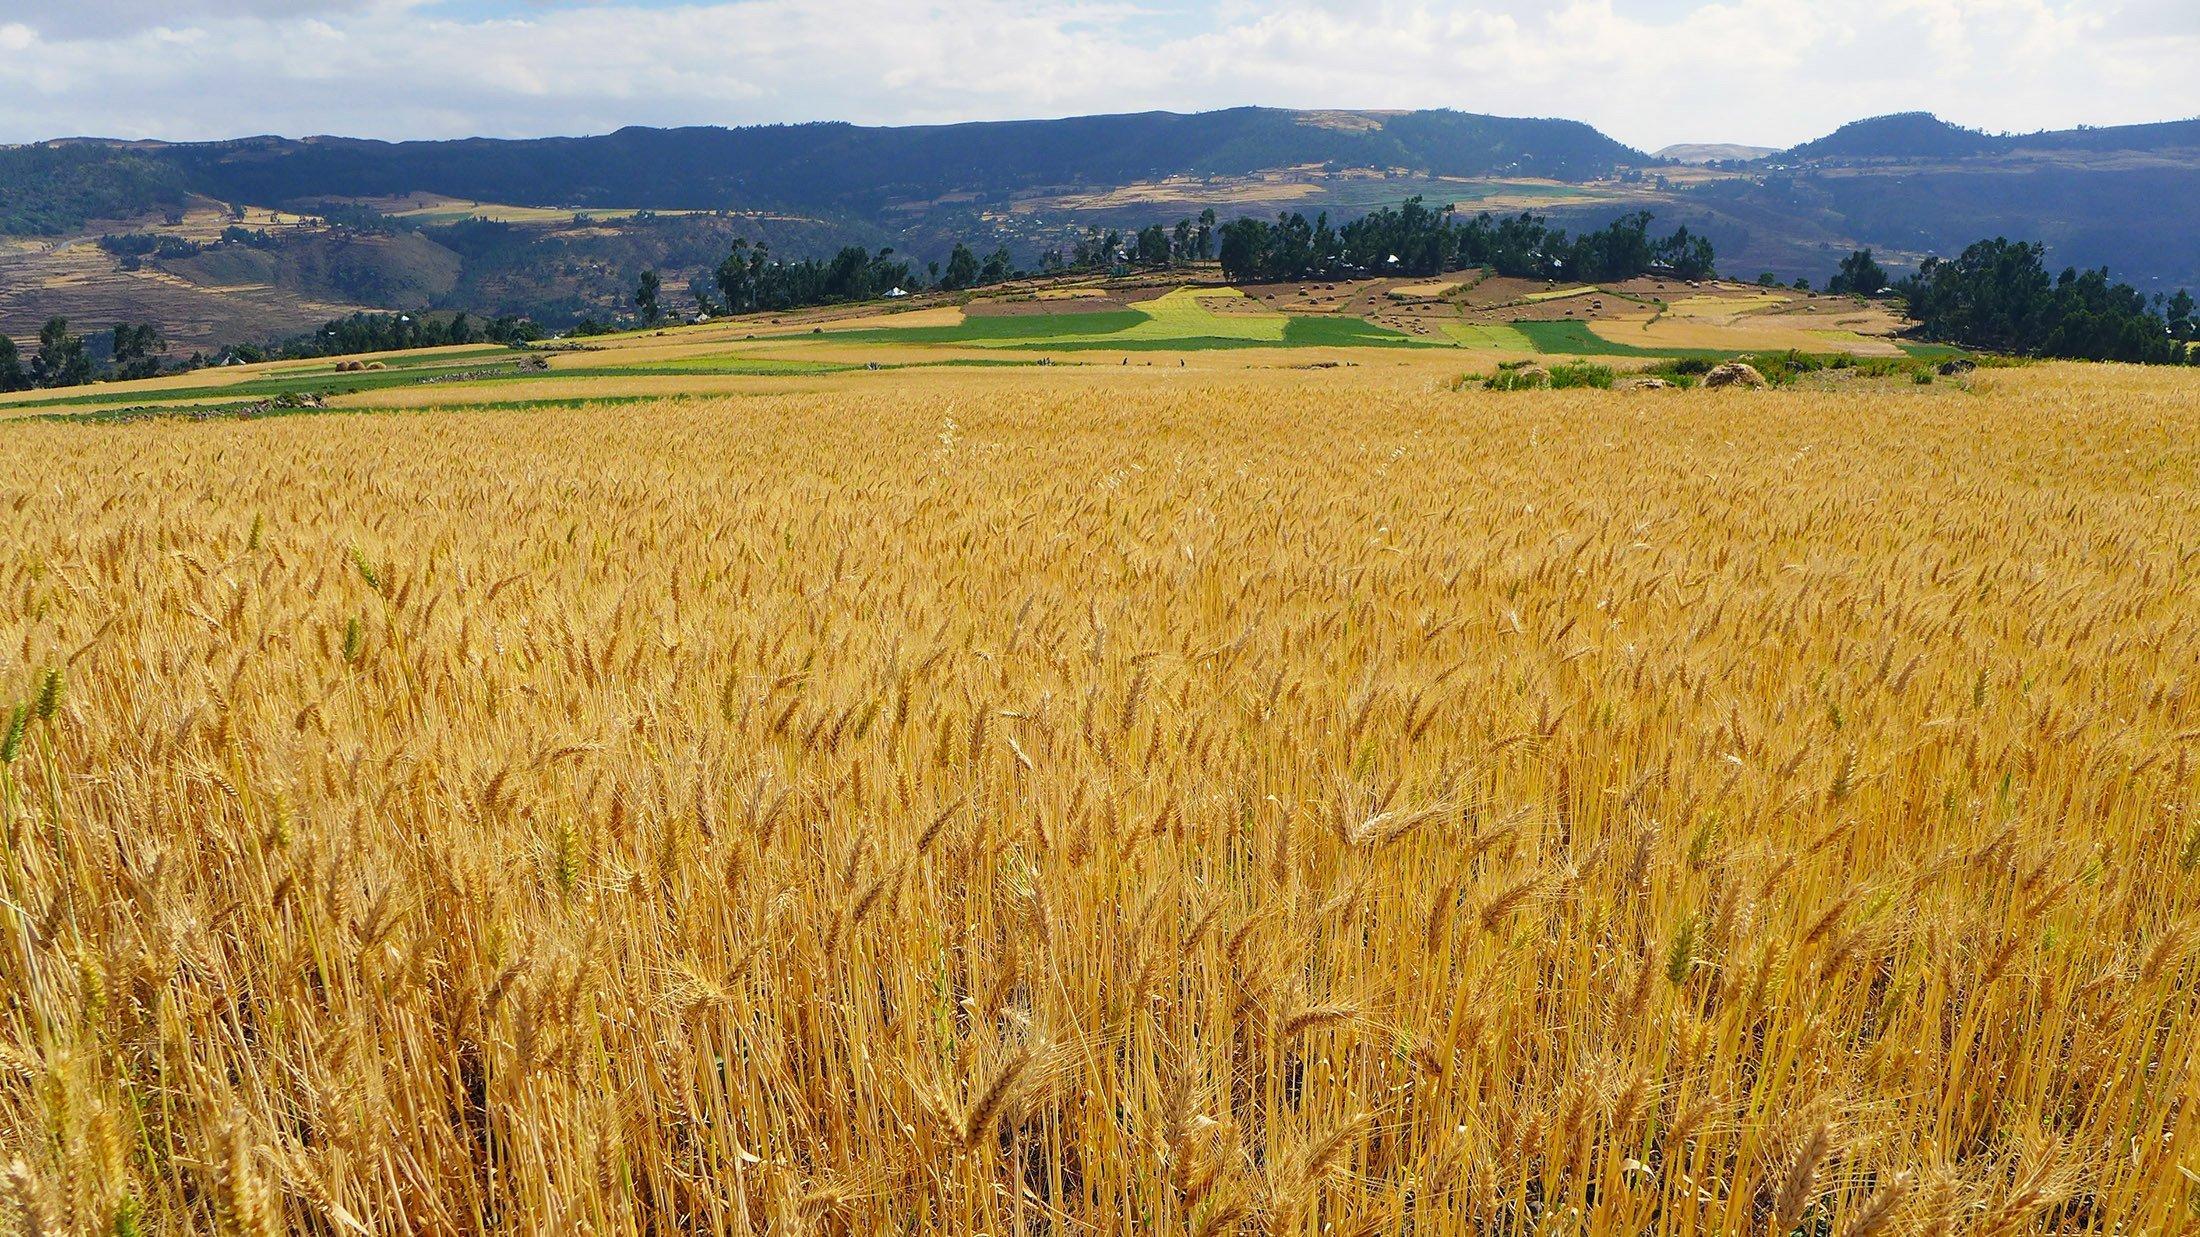 Im Vordergrund steht der reife Weizen im Feld, im Hintergrund sieht man weitere kleinräumige Felder und einen Gebirgszug.